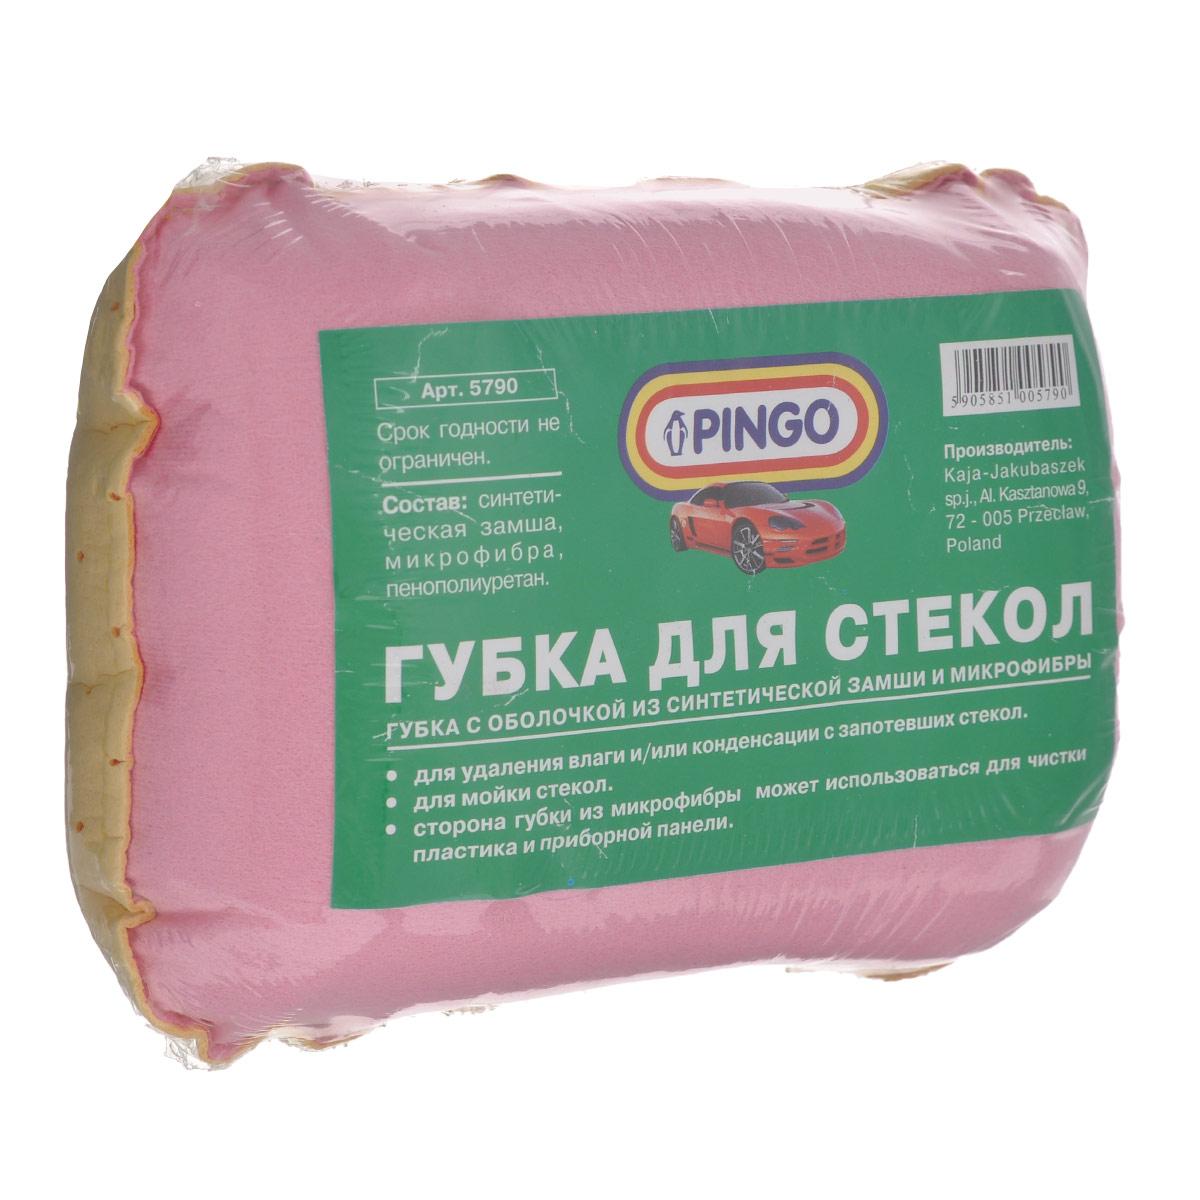 Губка для стекол Pingo, цвет: розовый, желтый870302Губка для стекол Pingo изготовлена из пенополиуретана с оболочкой из синтетической замши и микрофибры. Губка предназначена для удаления влаги или конденсации с запотевших стекол, для мойки стекол. Сторона губки из микрофибры может использоваться для чистки пластика и приборной панели.